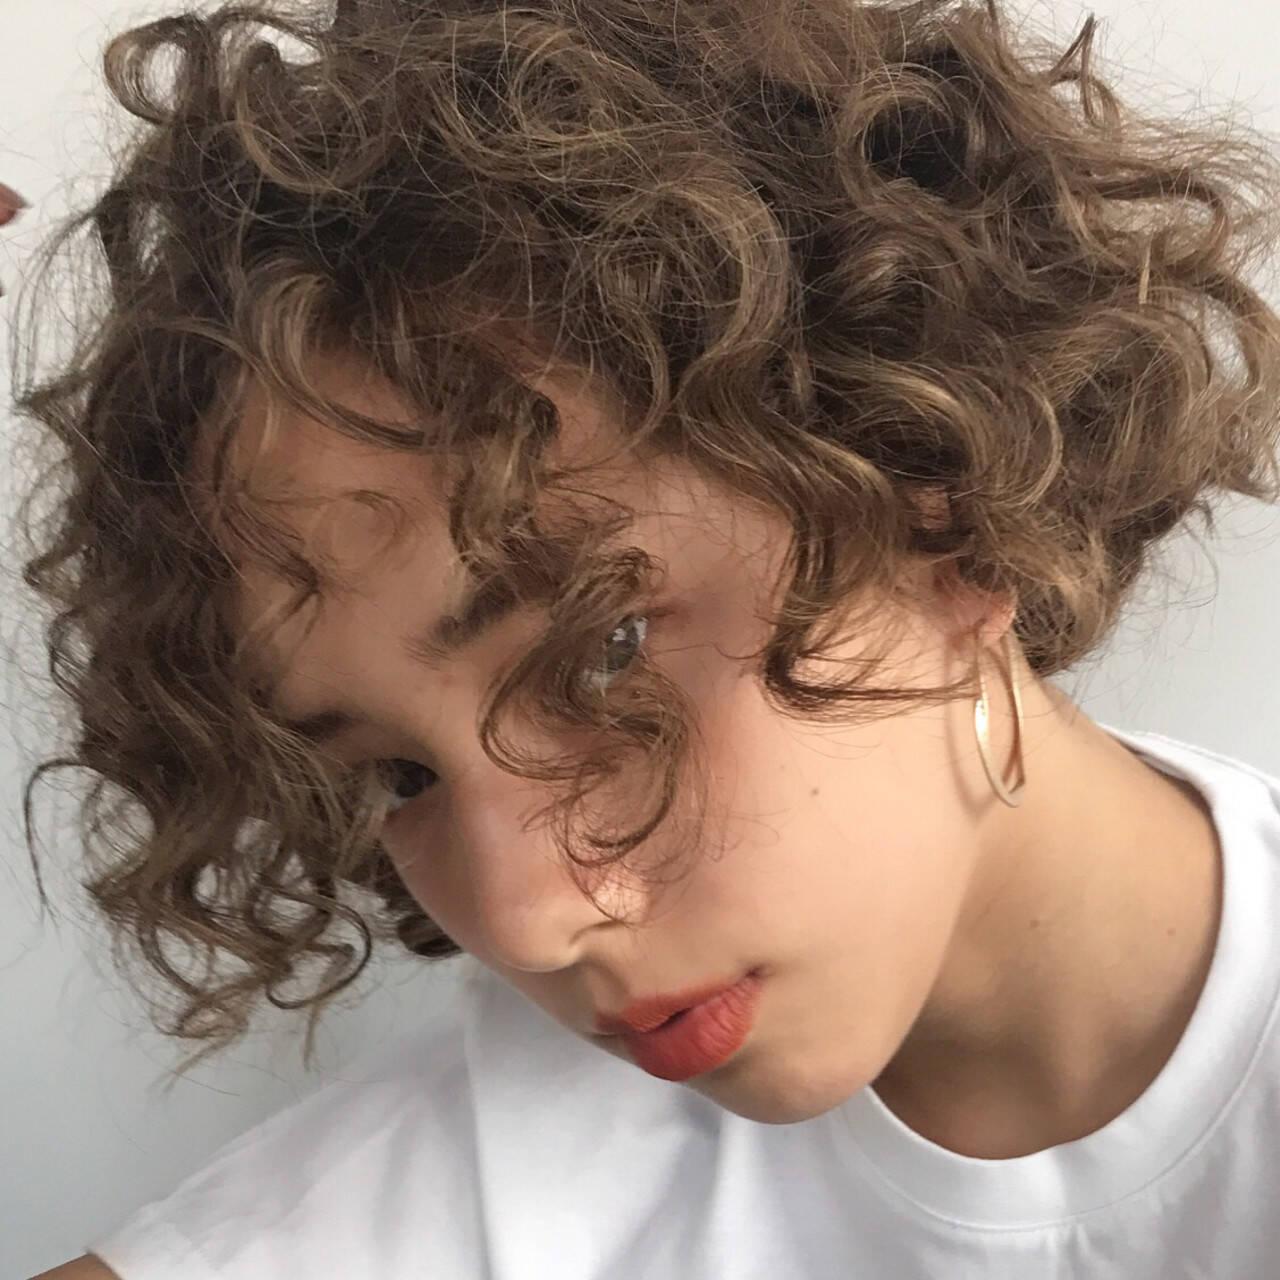 ヘアアレンジ ショート パーマ スポーツヘアスタイルや髪型の写真・画像